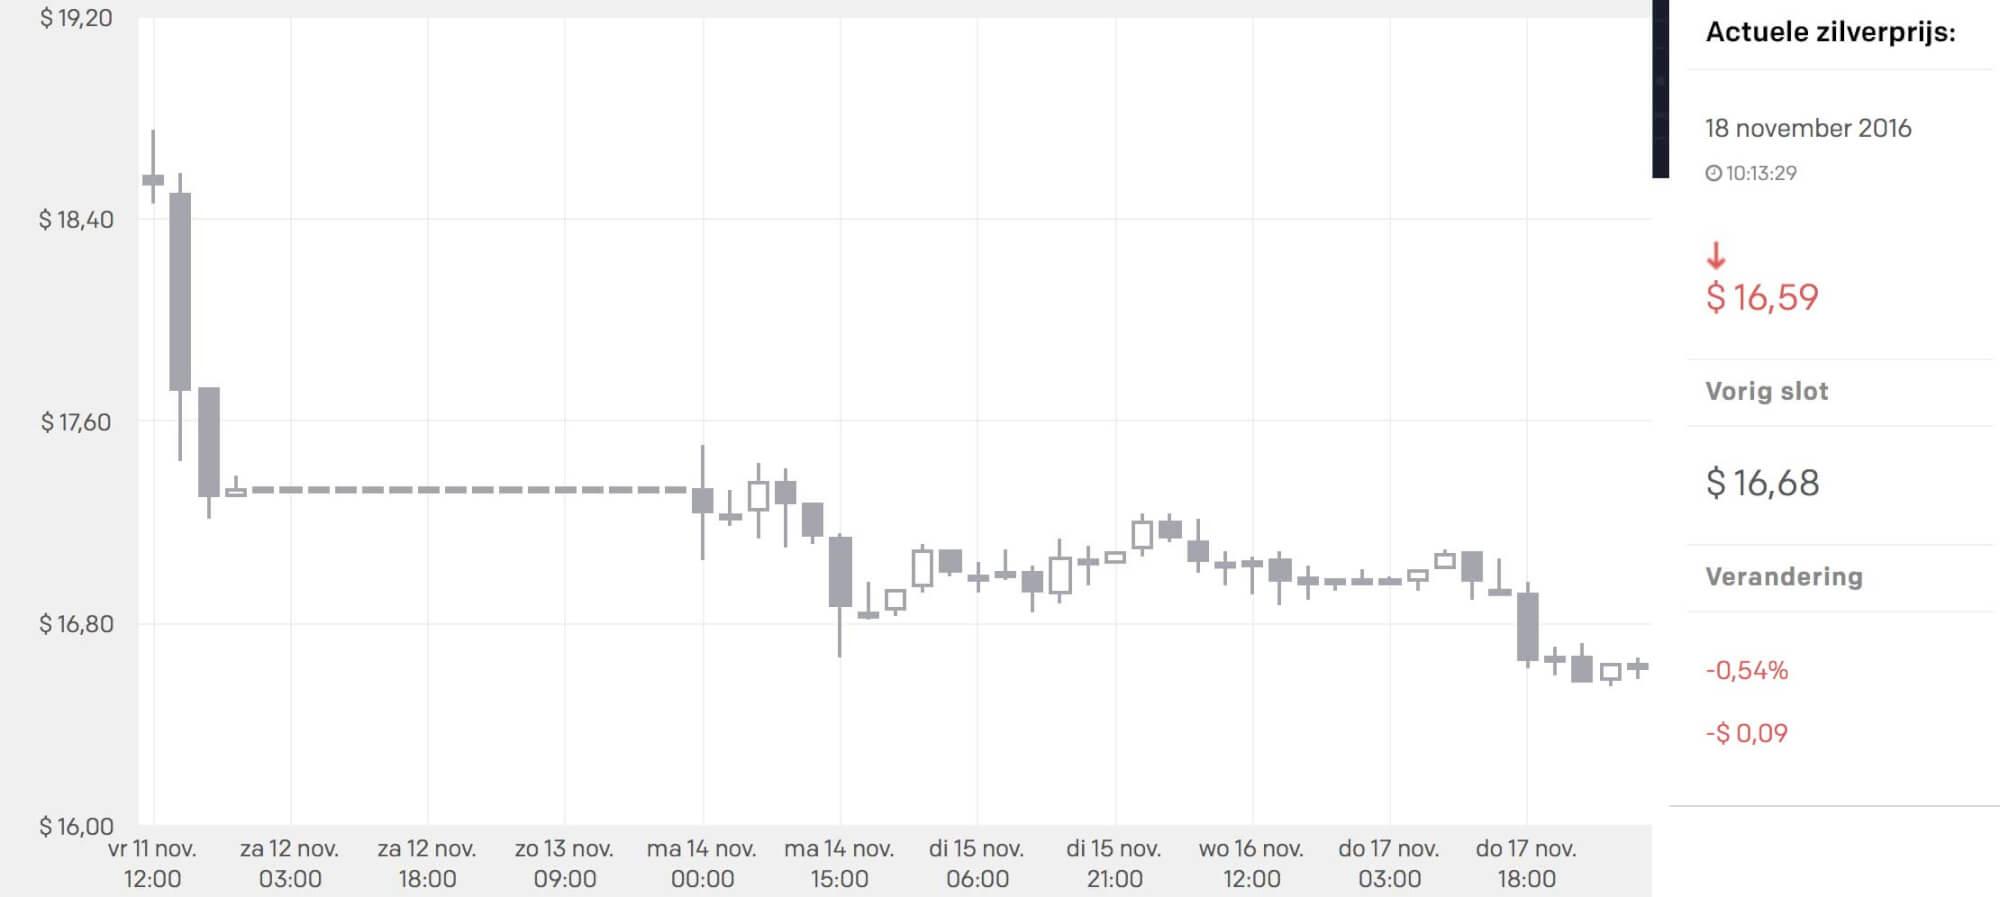 zilverprijs-beleggerdagboek